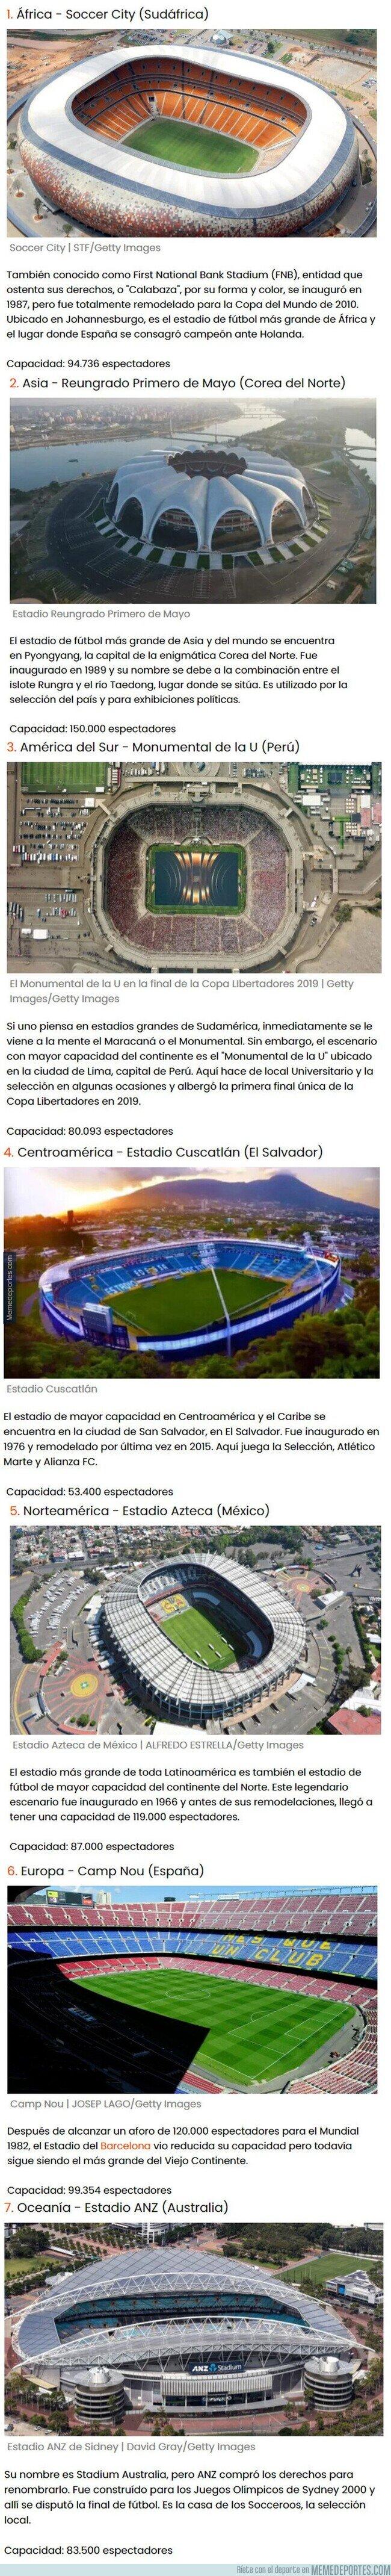 1118625 - Estos son los estadios de fútbol más grandes de cada continente